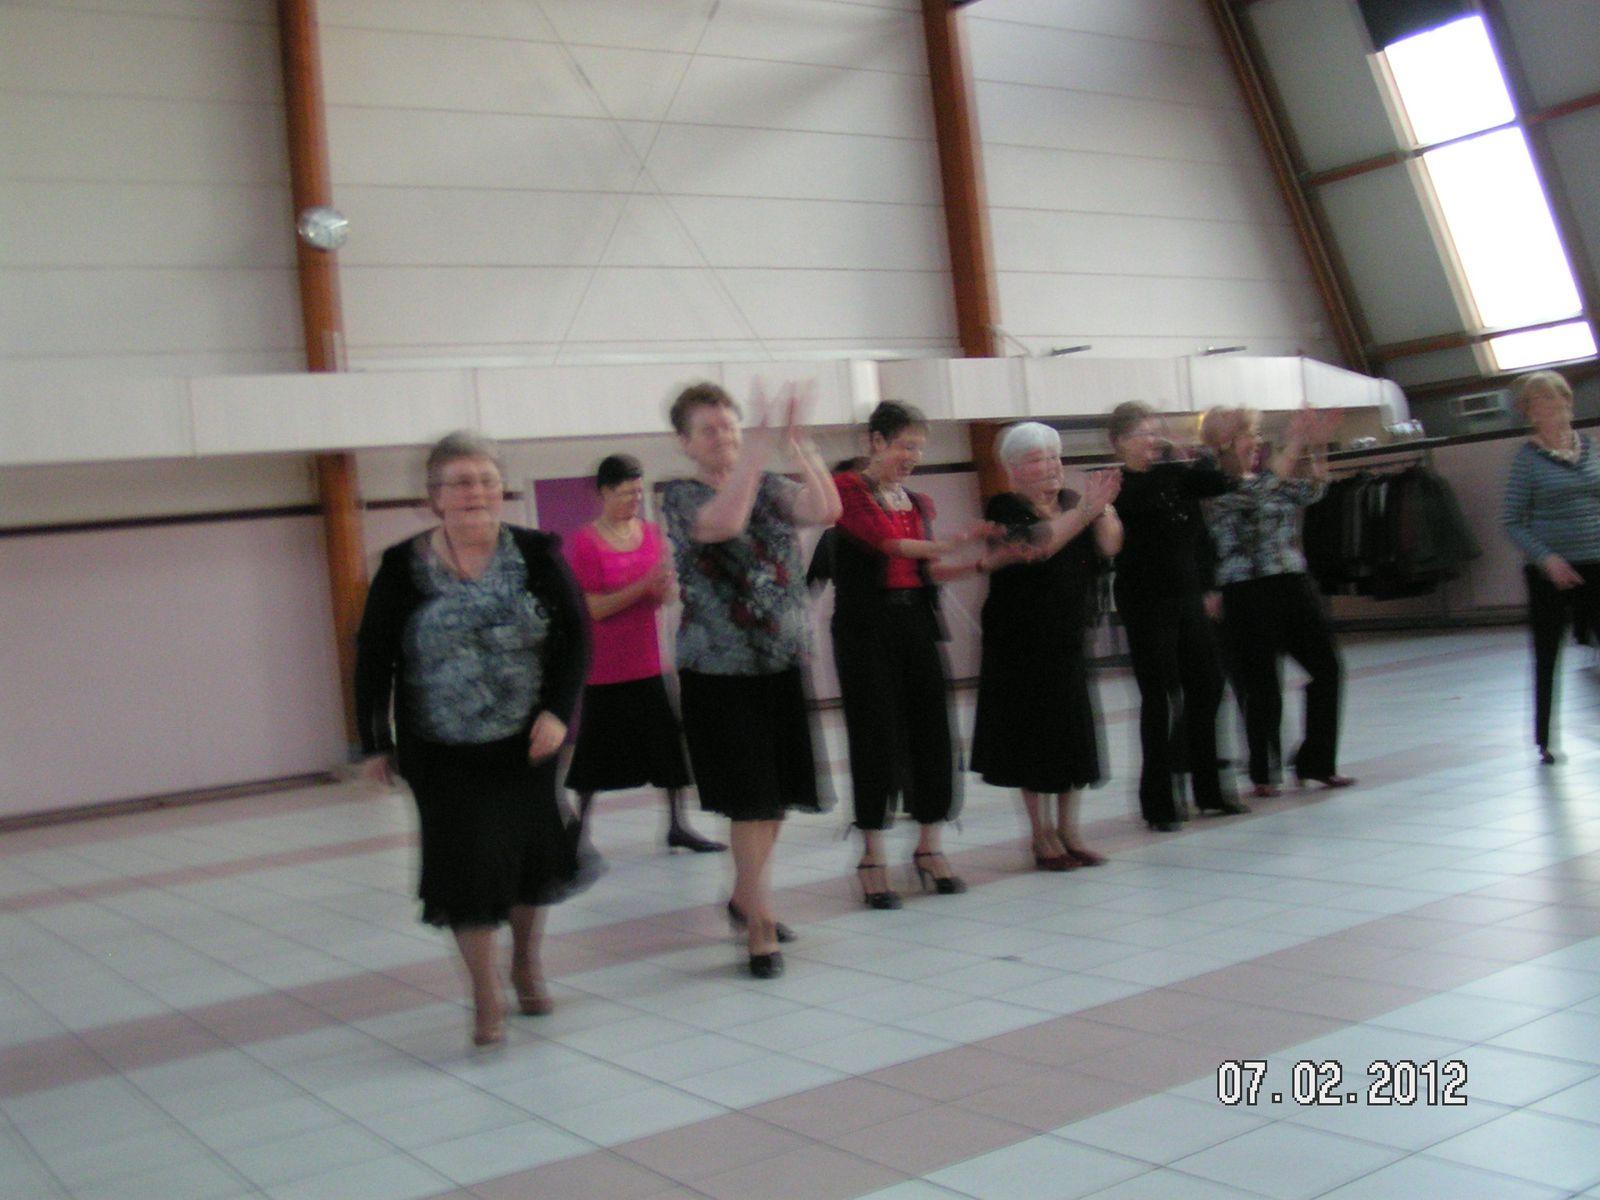 Album - Chantereine, l'Amicale des retraités de Chantereine, la galette des Rois le 7 février 2012.